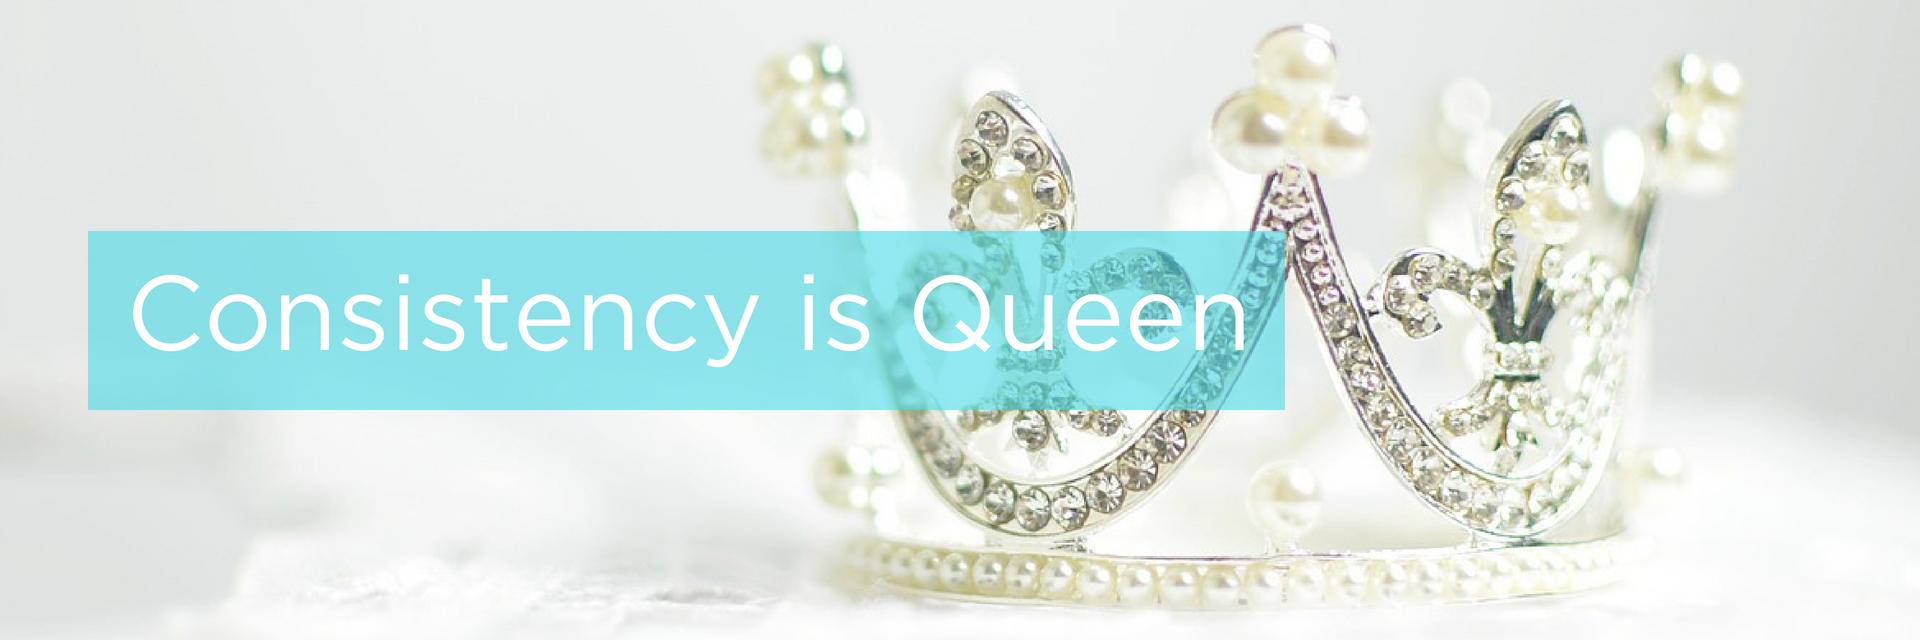 Consistent content - is Queen